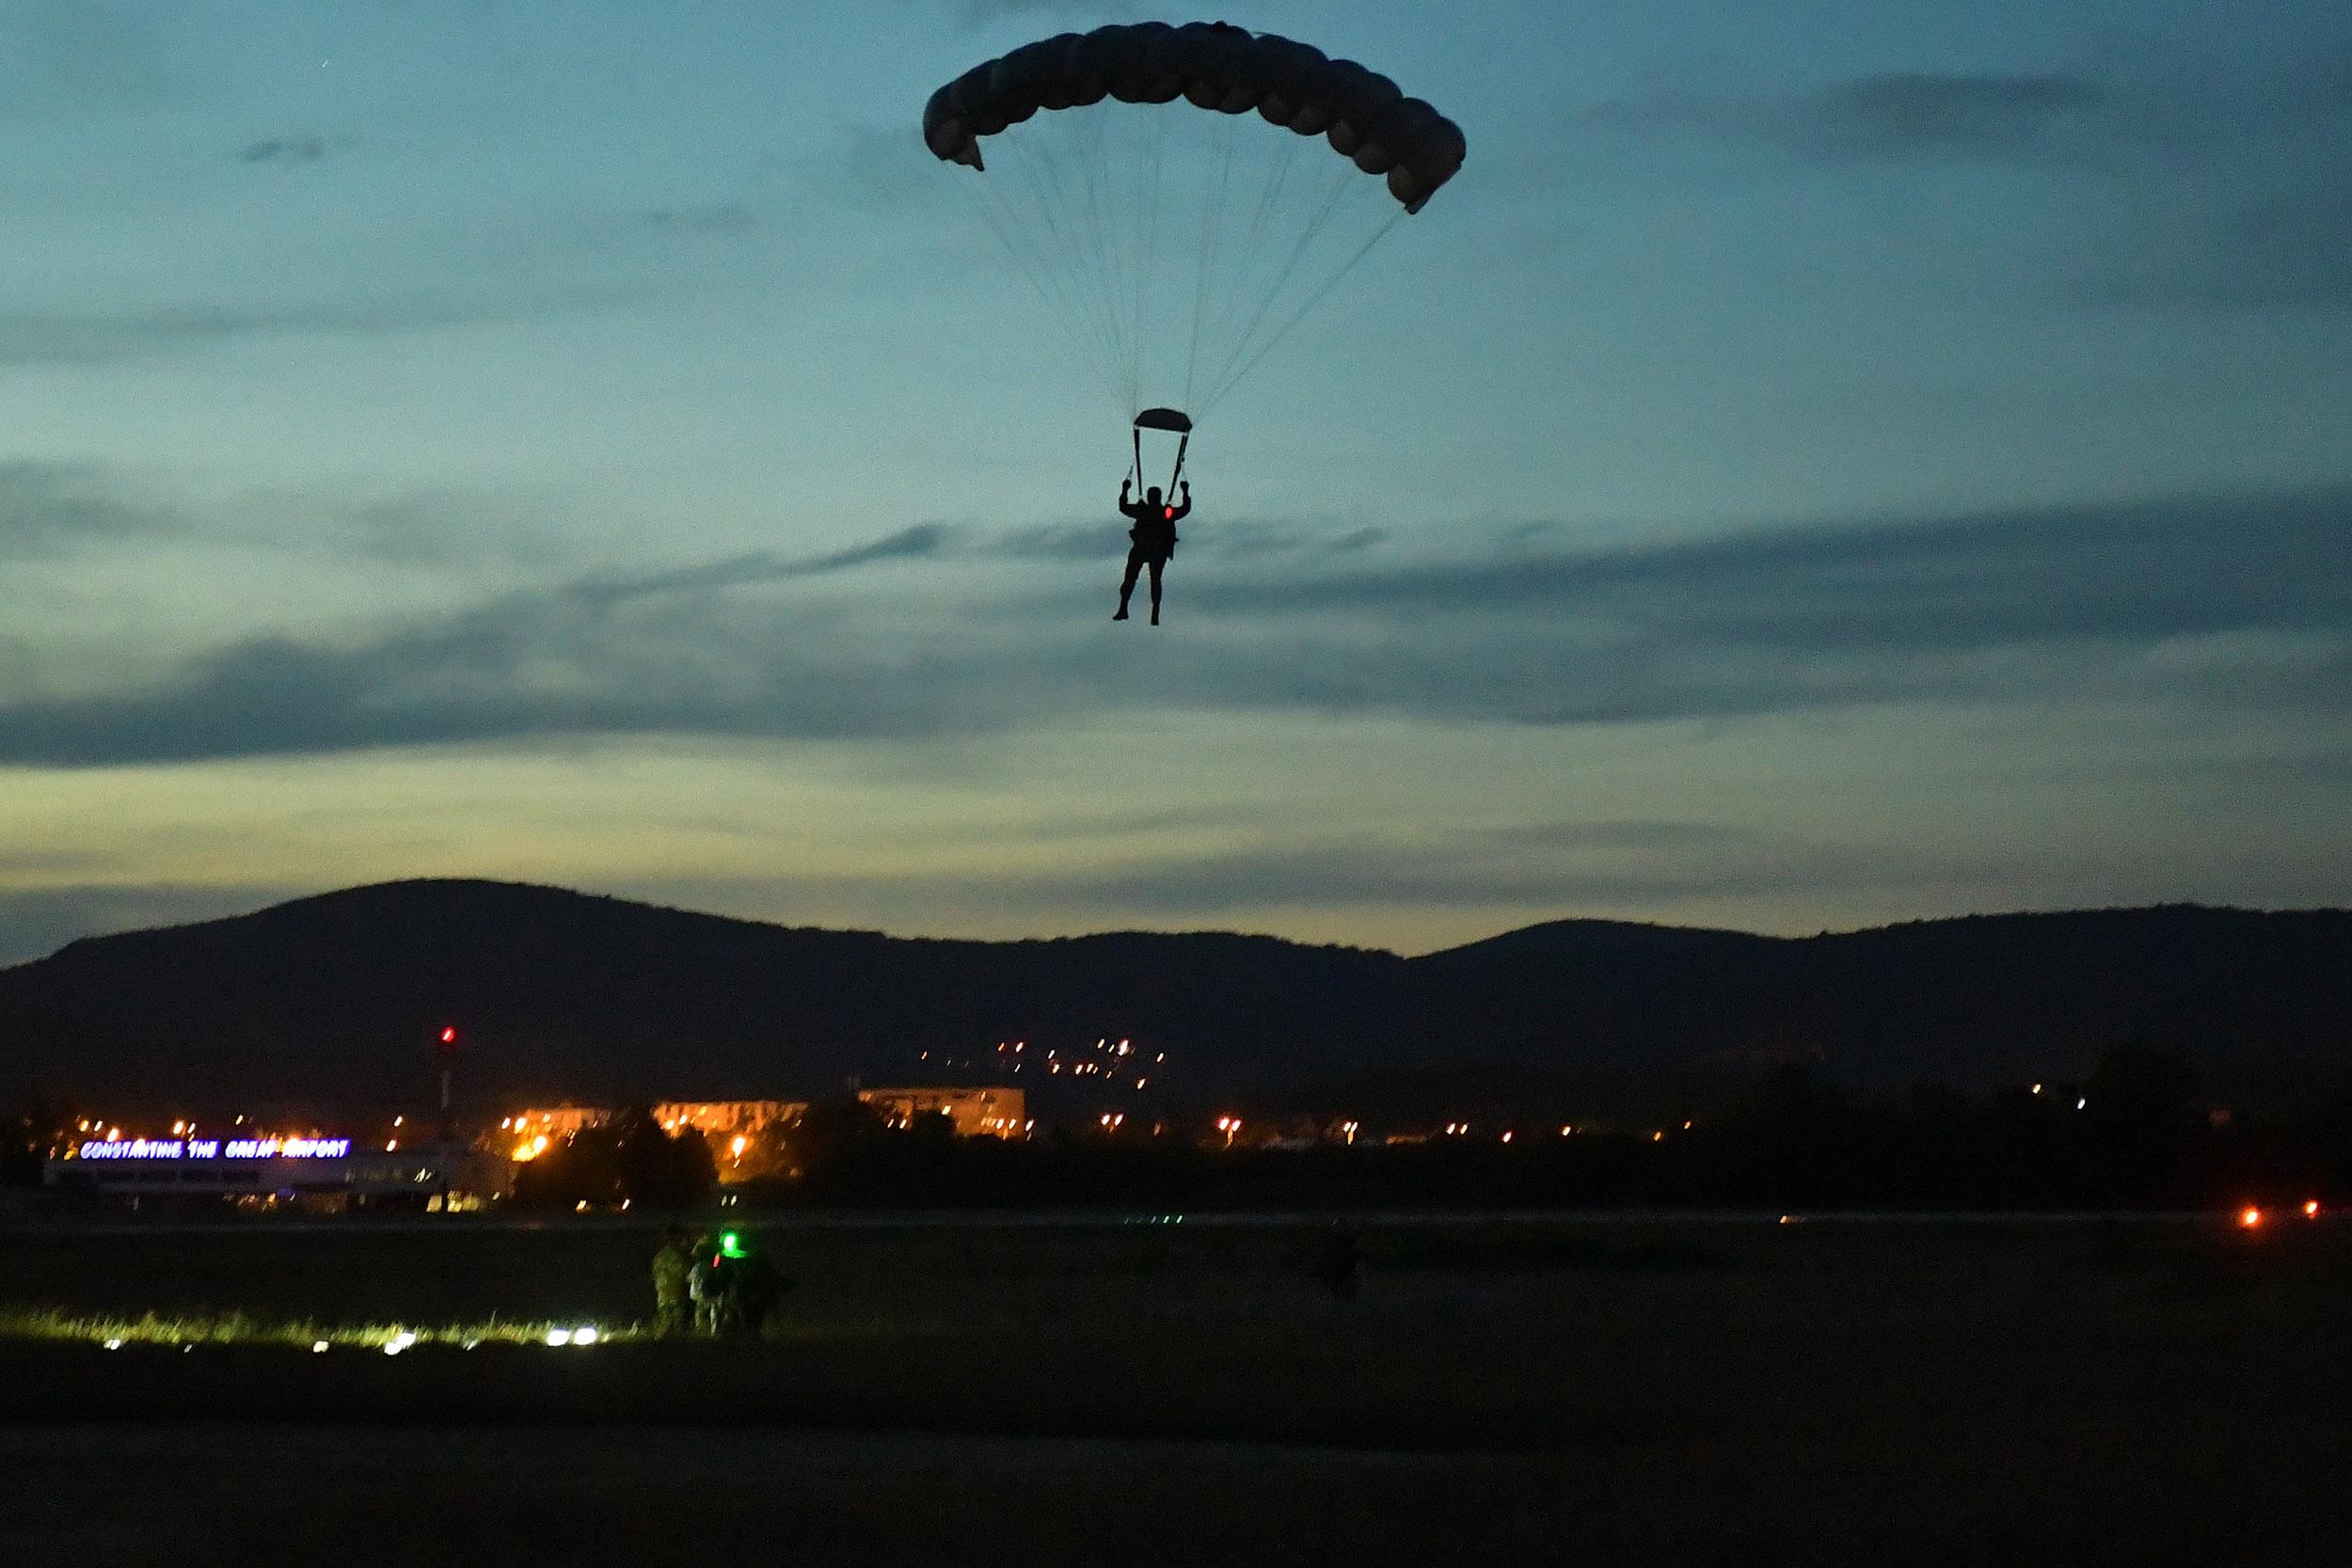 noćni skokovi 63. padobranske brigade